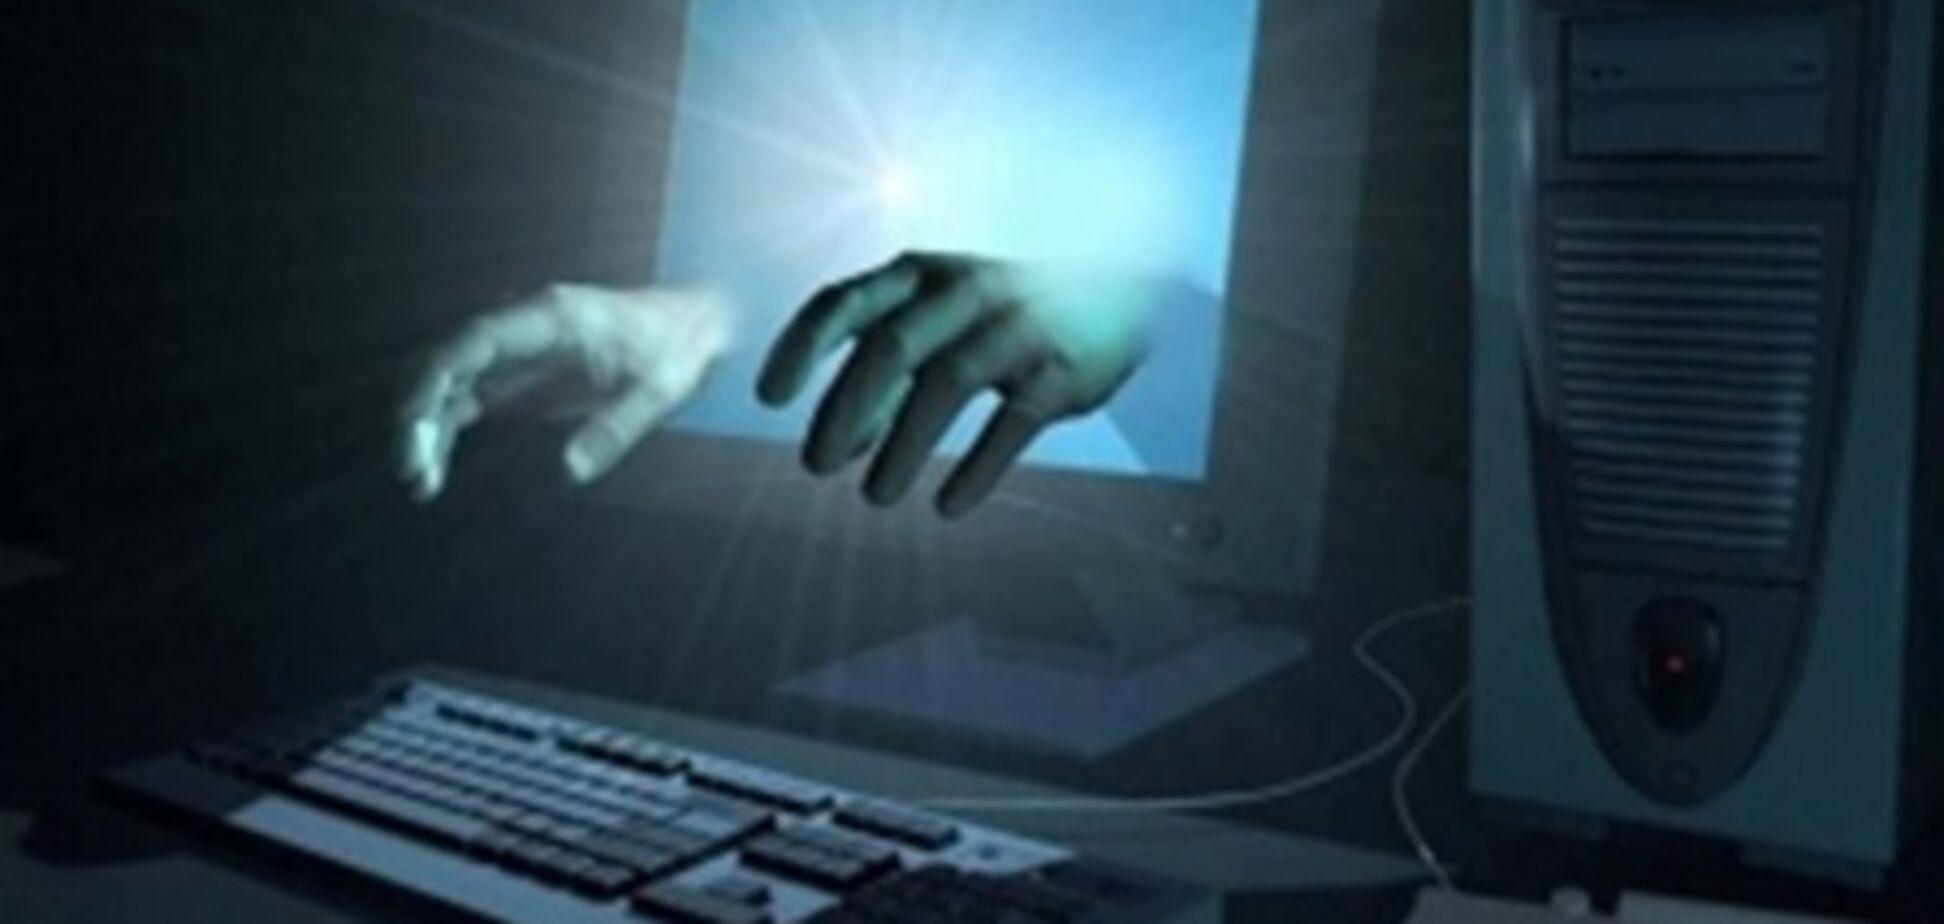 СБУ разыскала хакеров, положивших государственные сайты